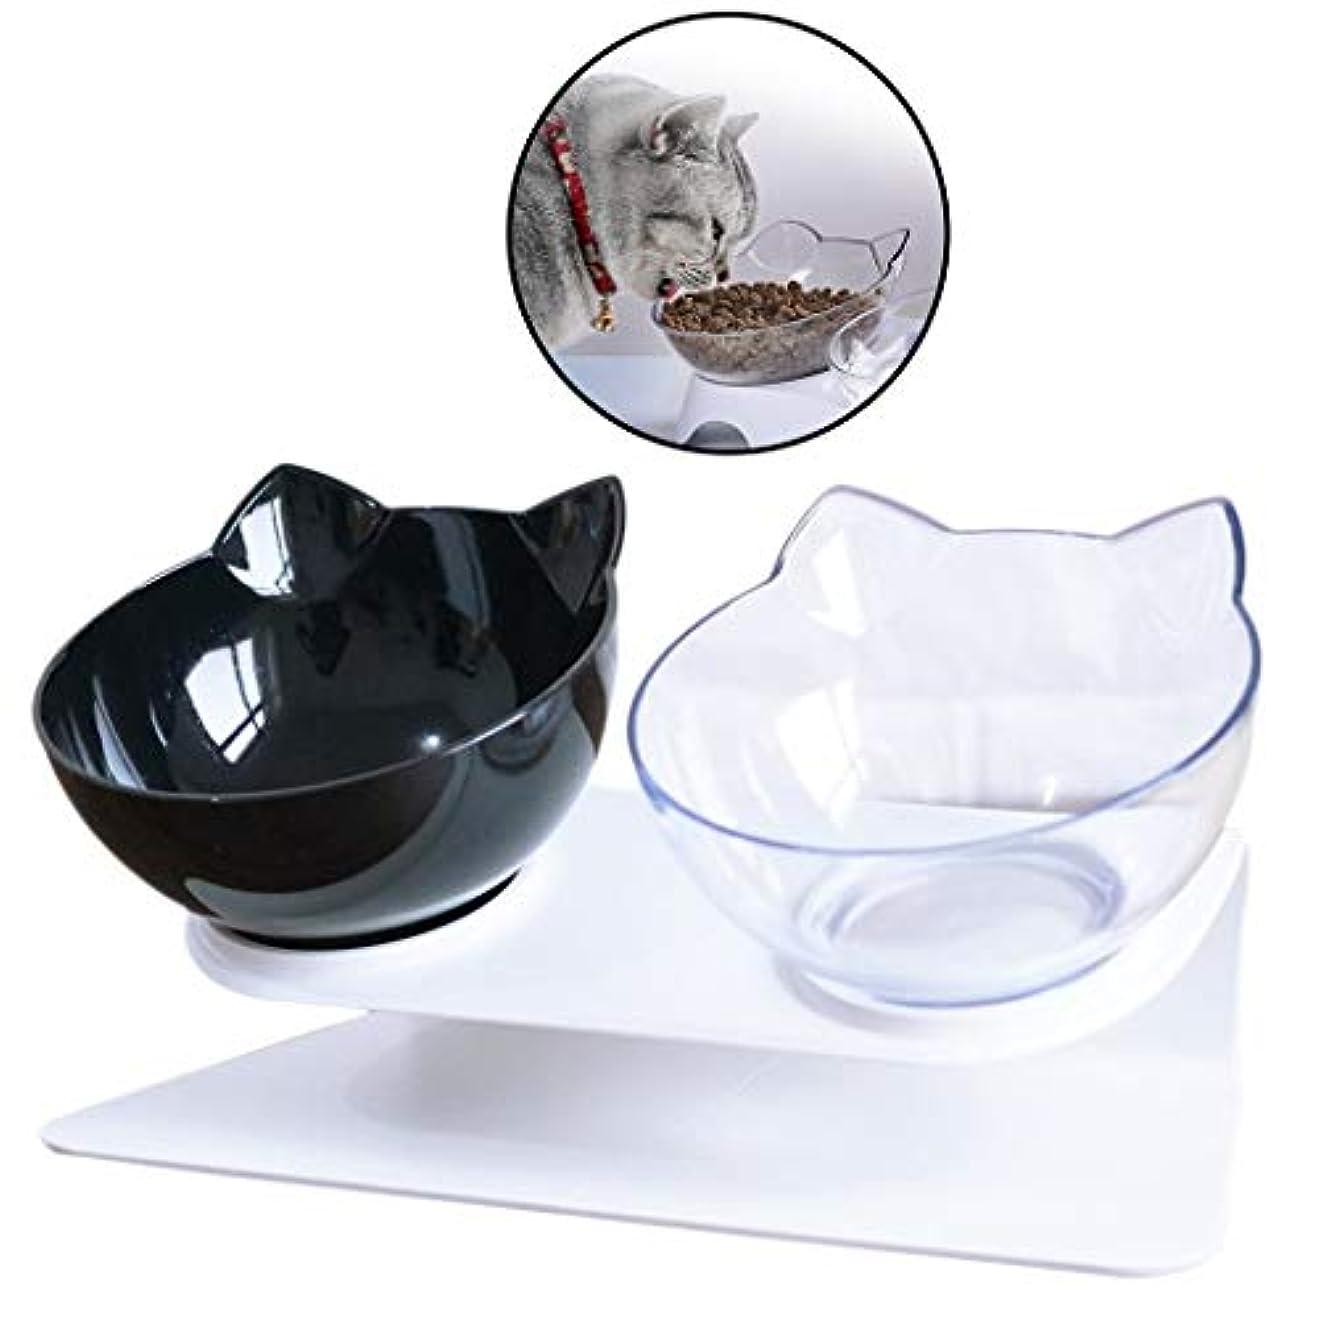 注入する不承認保護LIFEペットボウル創造的なノンスリップベースダブルボウル猫犬ボウル猫のボウル猫犬食品水飲料フィーダーボウルペット用品ペット食器